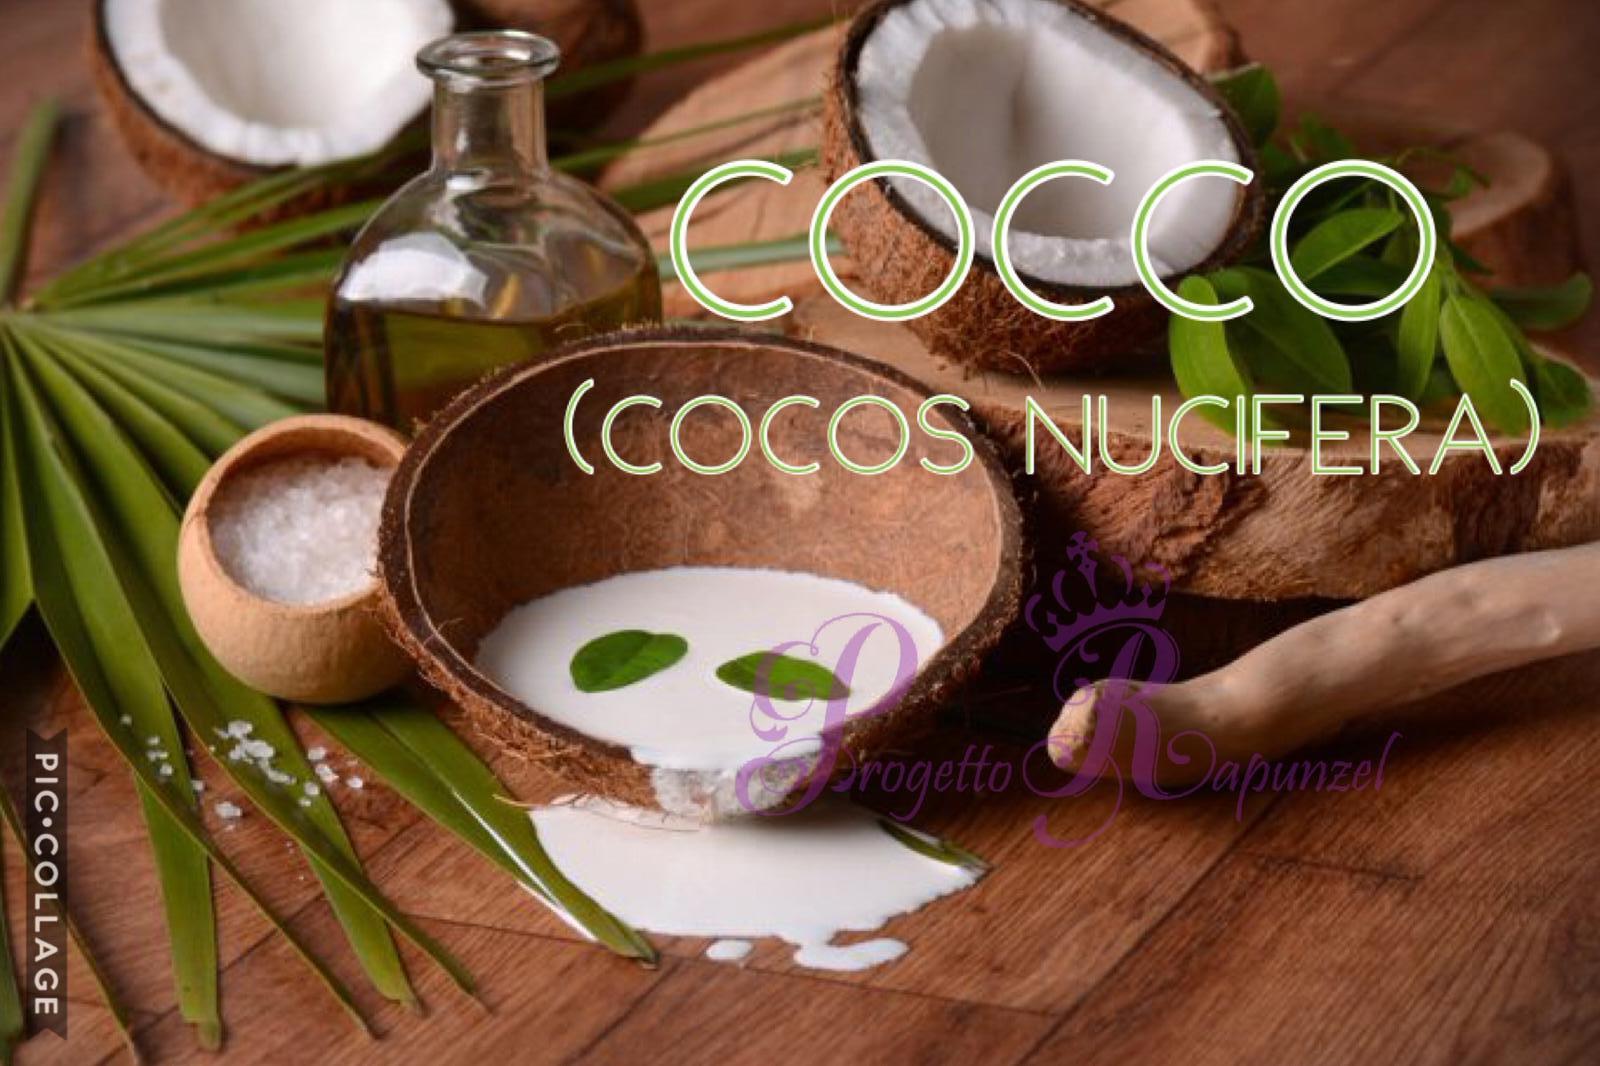 Cocco (Cocos Nucifera)